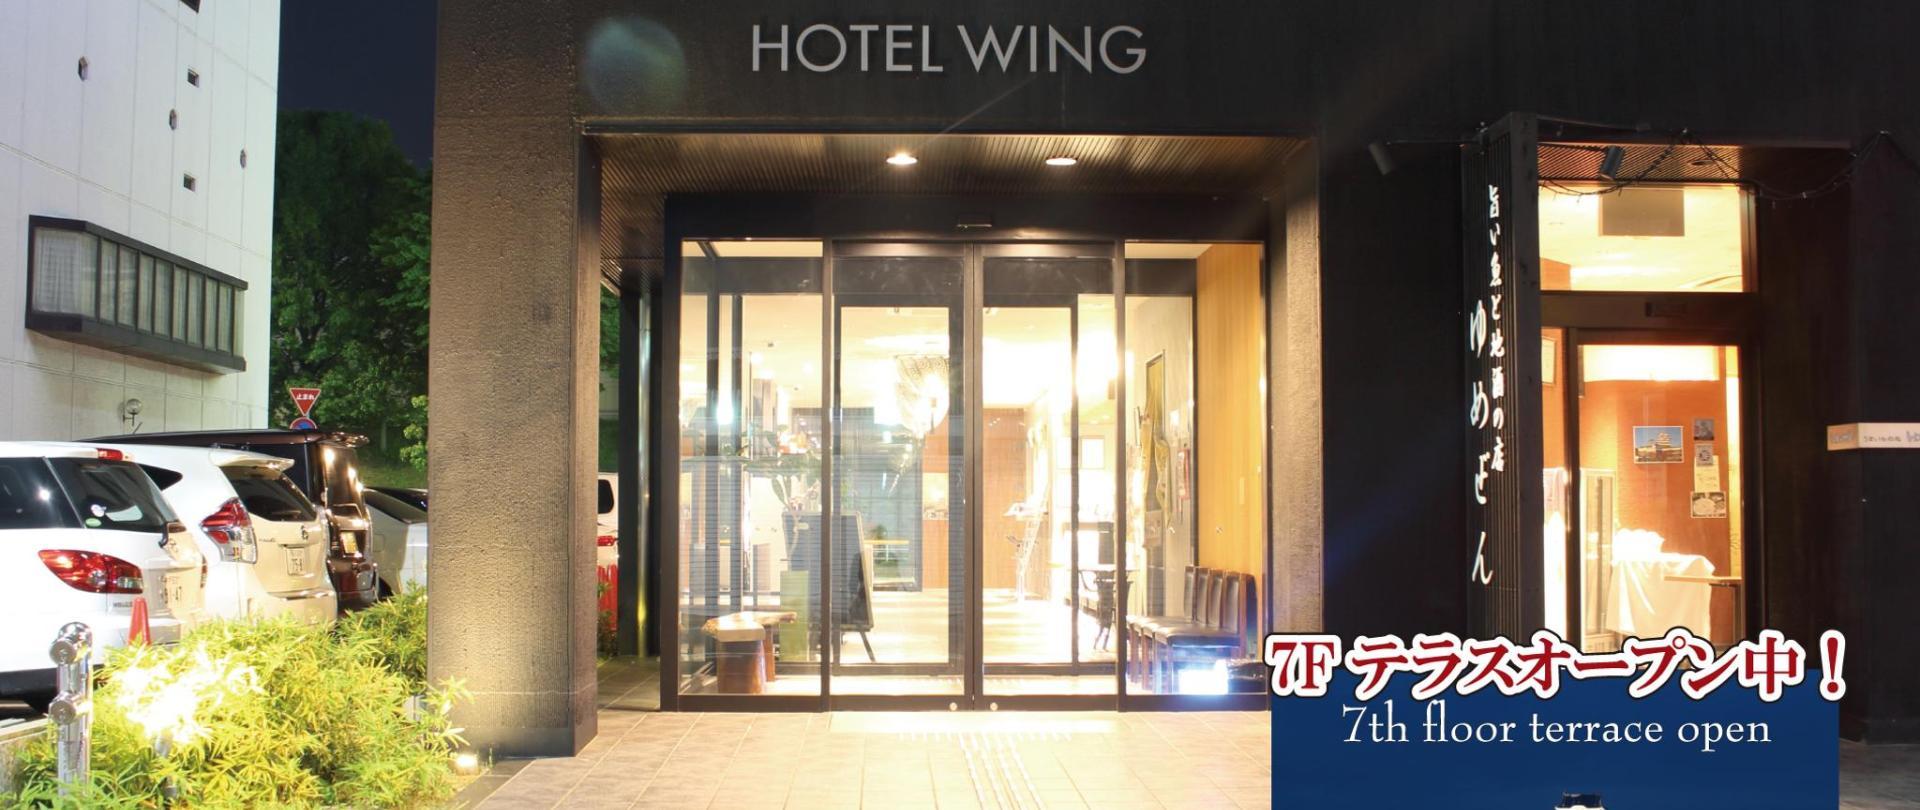 姬路国际大酒店